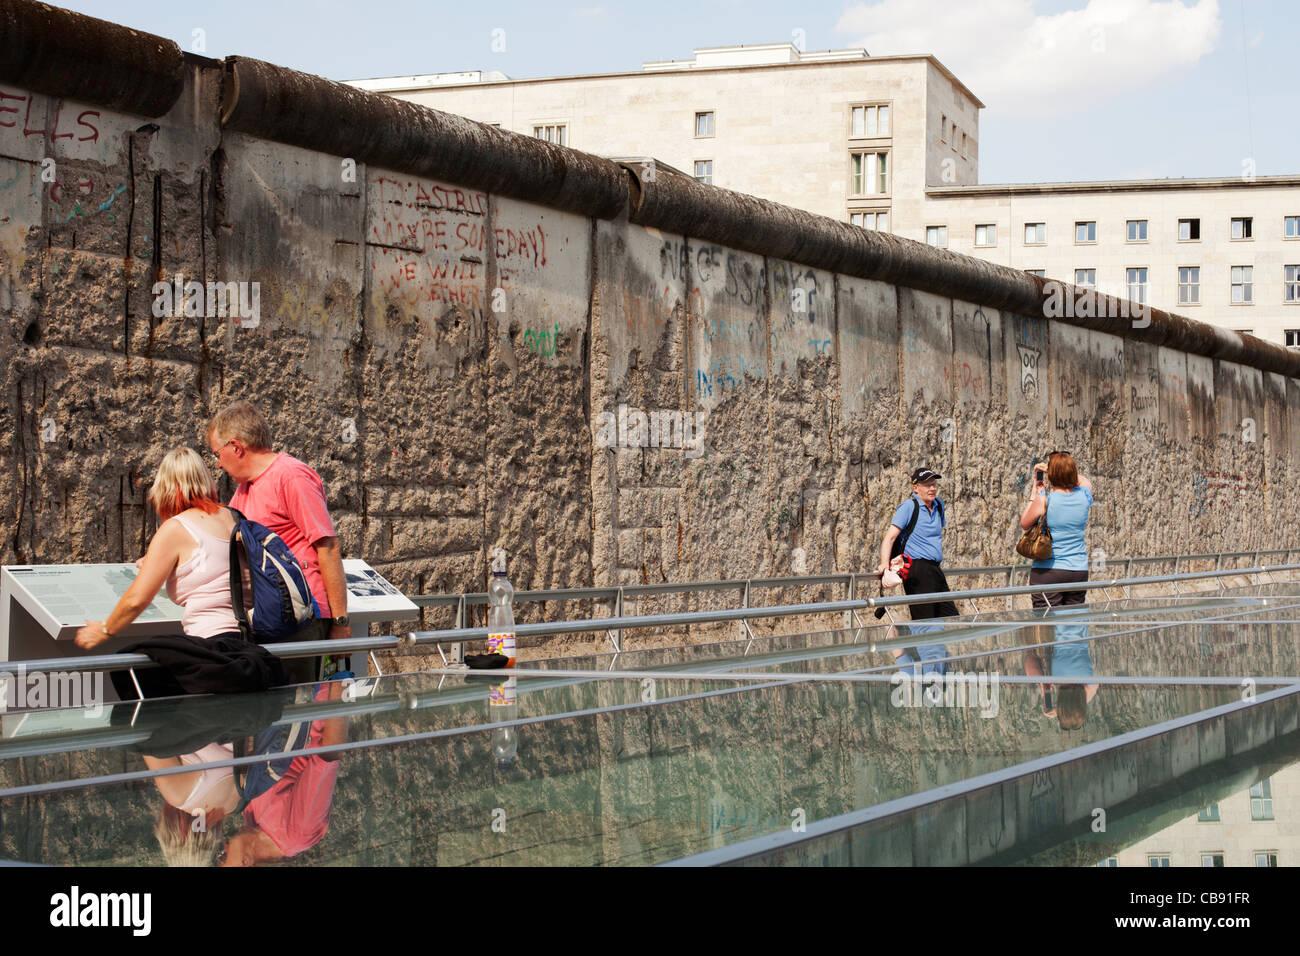 Los turistas en el monumento del Muro de Berlín - una sección conservada del Muro de Berlín que antiguamente Imagen De Stock